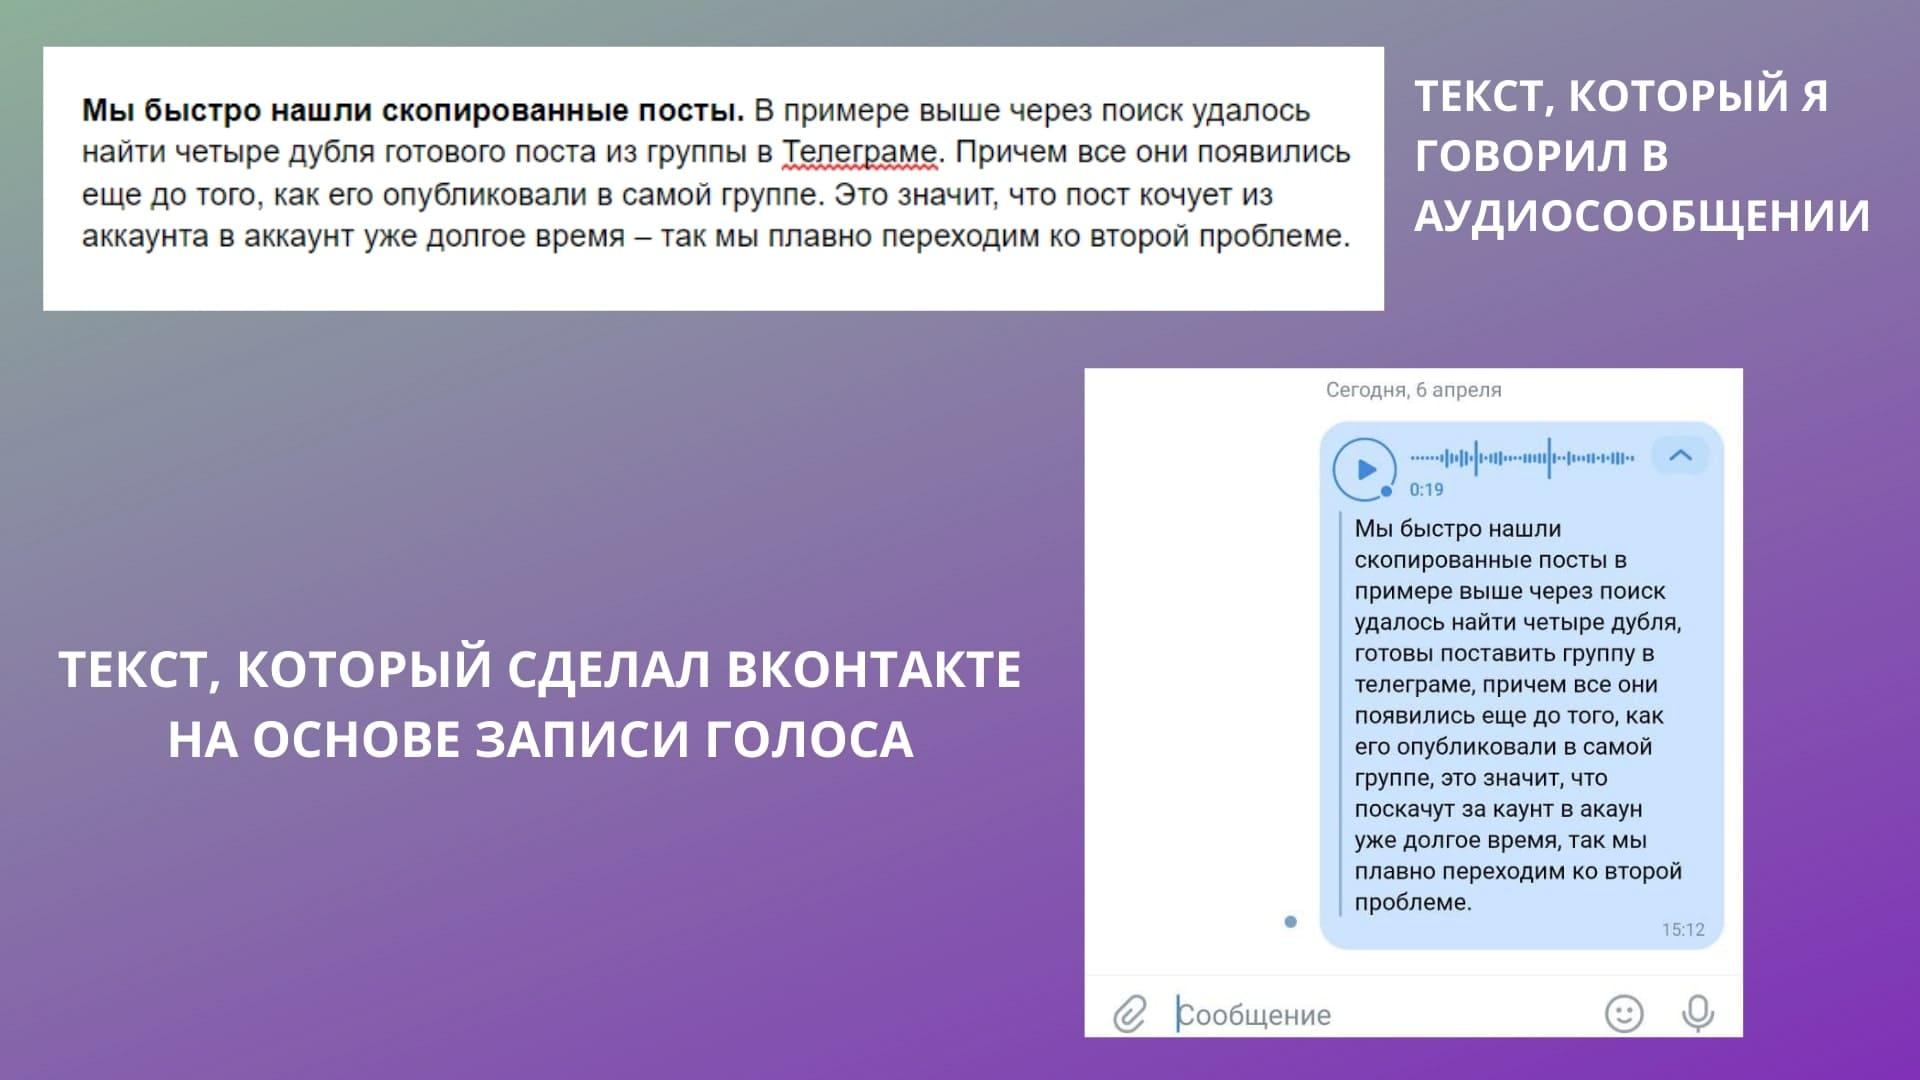 Аудио в текст ВКонтакте переводит хорошо только в том случае, если у вас хорошая дикция. У меня вот не очень :-)